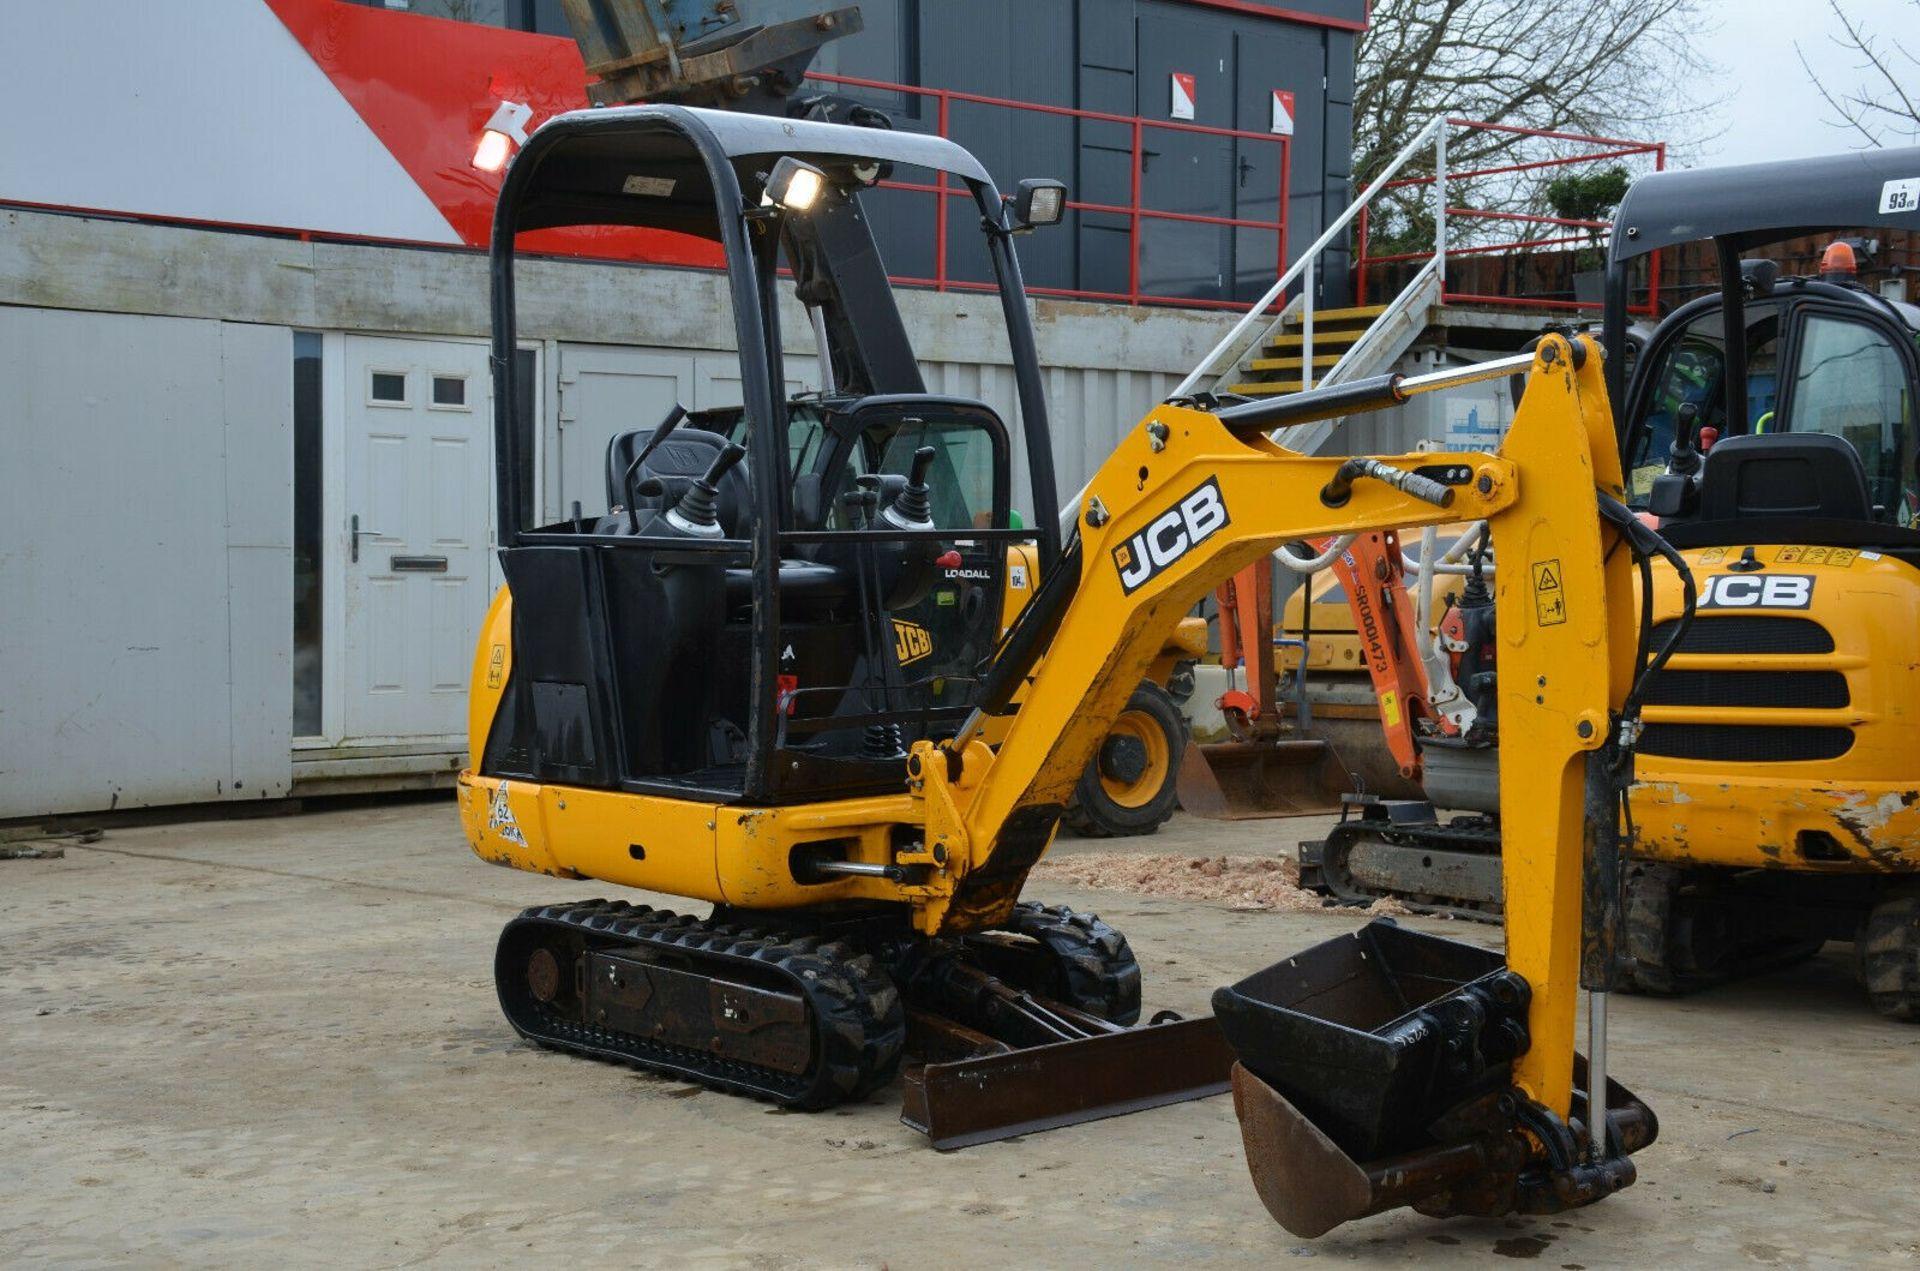 Lot 87 - JCB 8014 CTS Mini Excavator